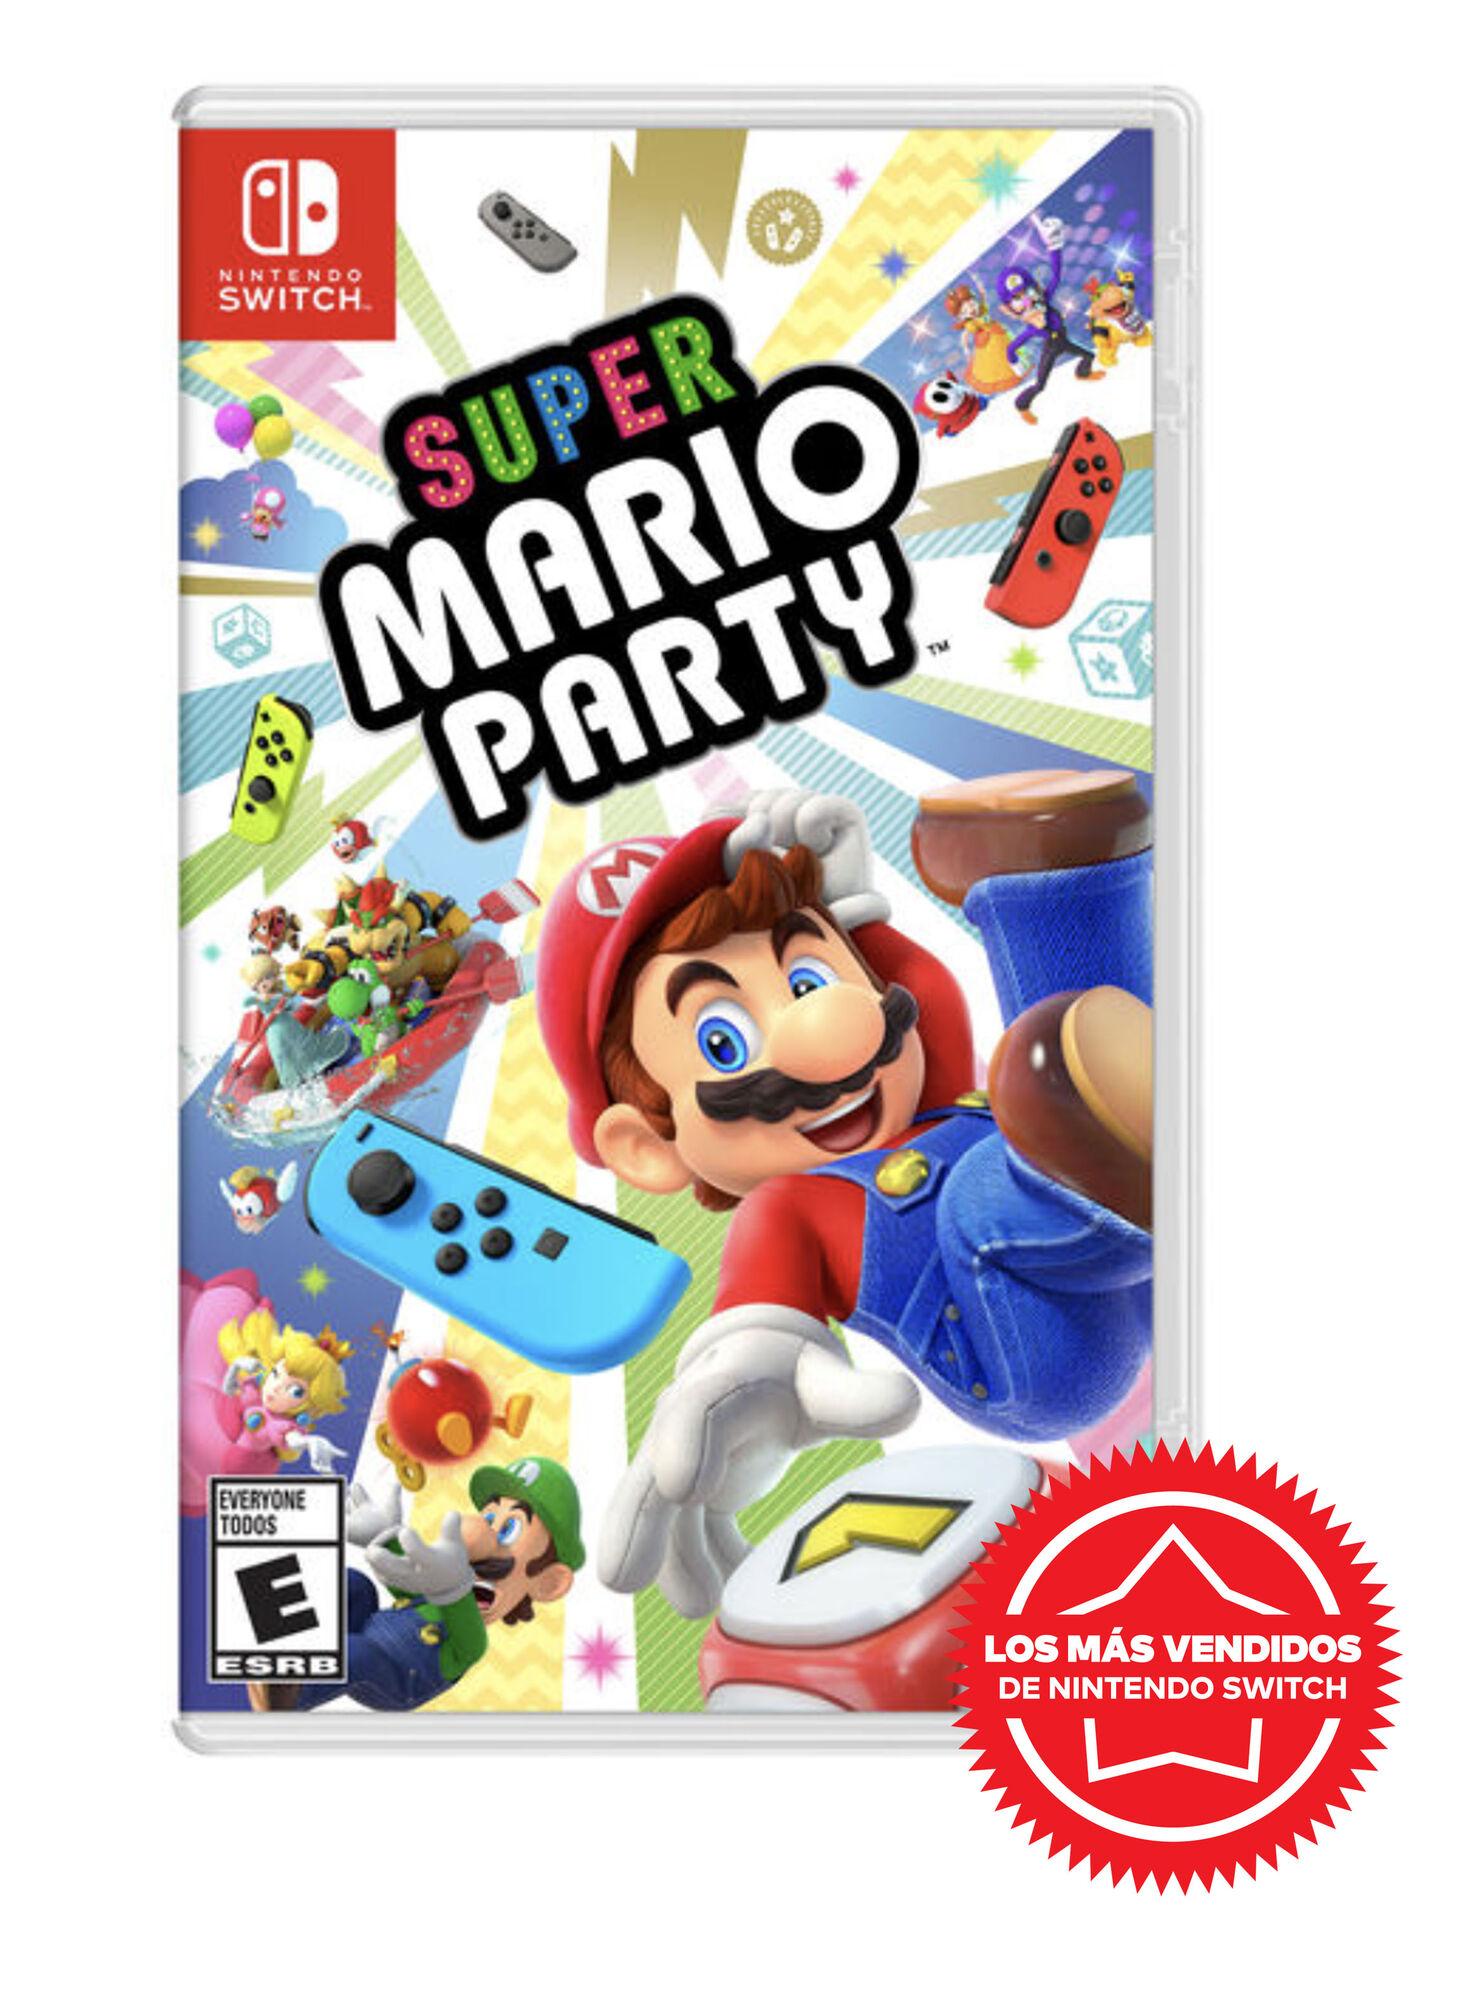 Juego Nintendo Switch Super Mario Party - Videojuegos   Paris.cl